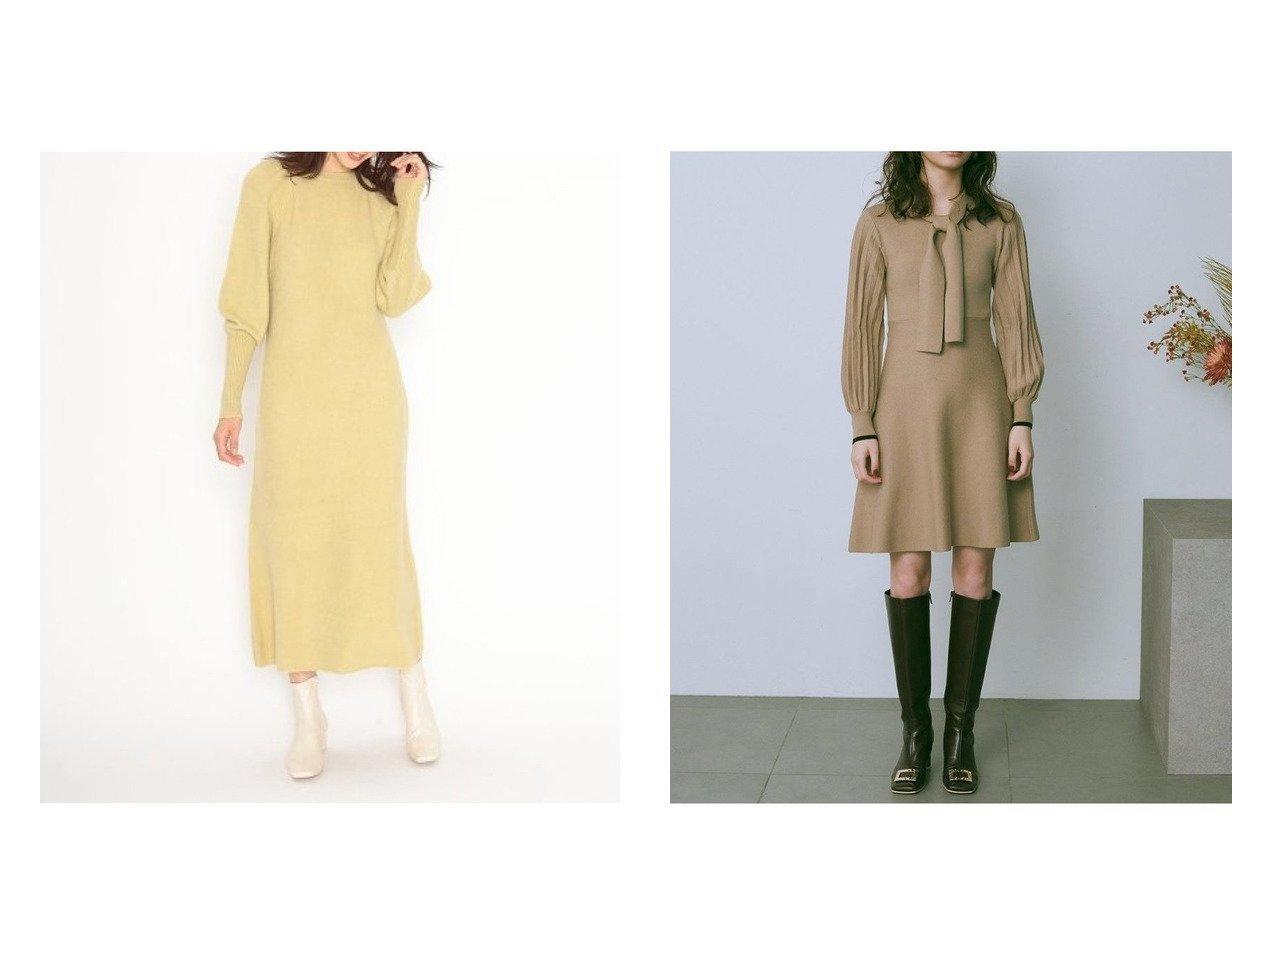 【Lily Brown/リリーブラウン】のボウタイニットワンピース&【SNIDEL/スナイデル】のファーライクスリーブニットワンピース ワンピース・ドレスのおすすめ!人気、レディースファッションの通販 おすすめで人気のファッション通販商品 インテリア・家具・キッズファッション・メンズファッション・レディースファッション・服の通販 founy(ファニー) https://founy.com/ ファッション Fashion レディース WOMEN ワンピース Dress ニットワンピース Knit Dresses マキシワンピース Maxi Dress アクリル イエロー エレガント オレンジ スリーブ トレンド フォックス マキシ ロング クラシカル プリーツ 人気 冬 Winter  ID:crp329100000002478